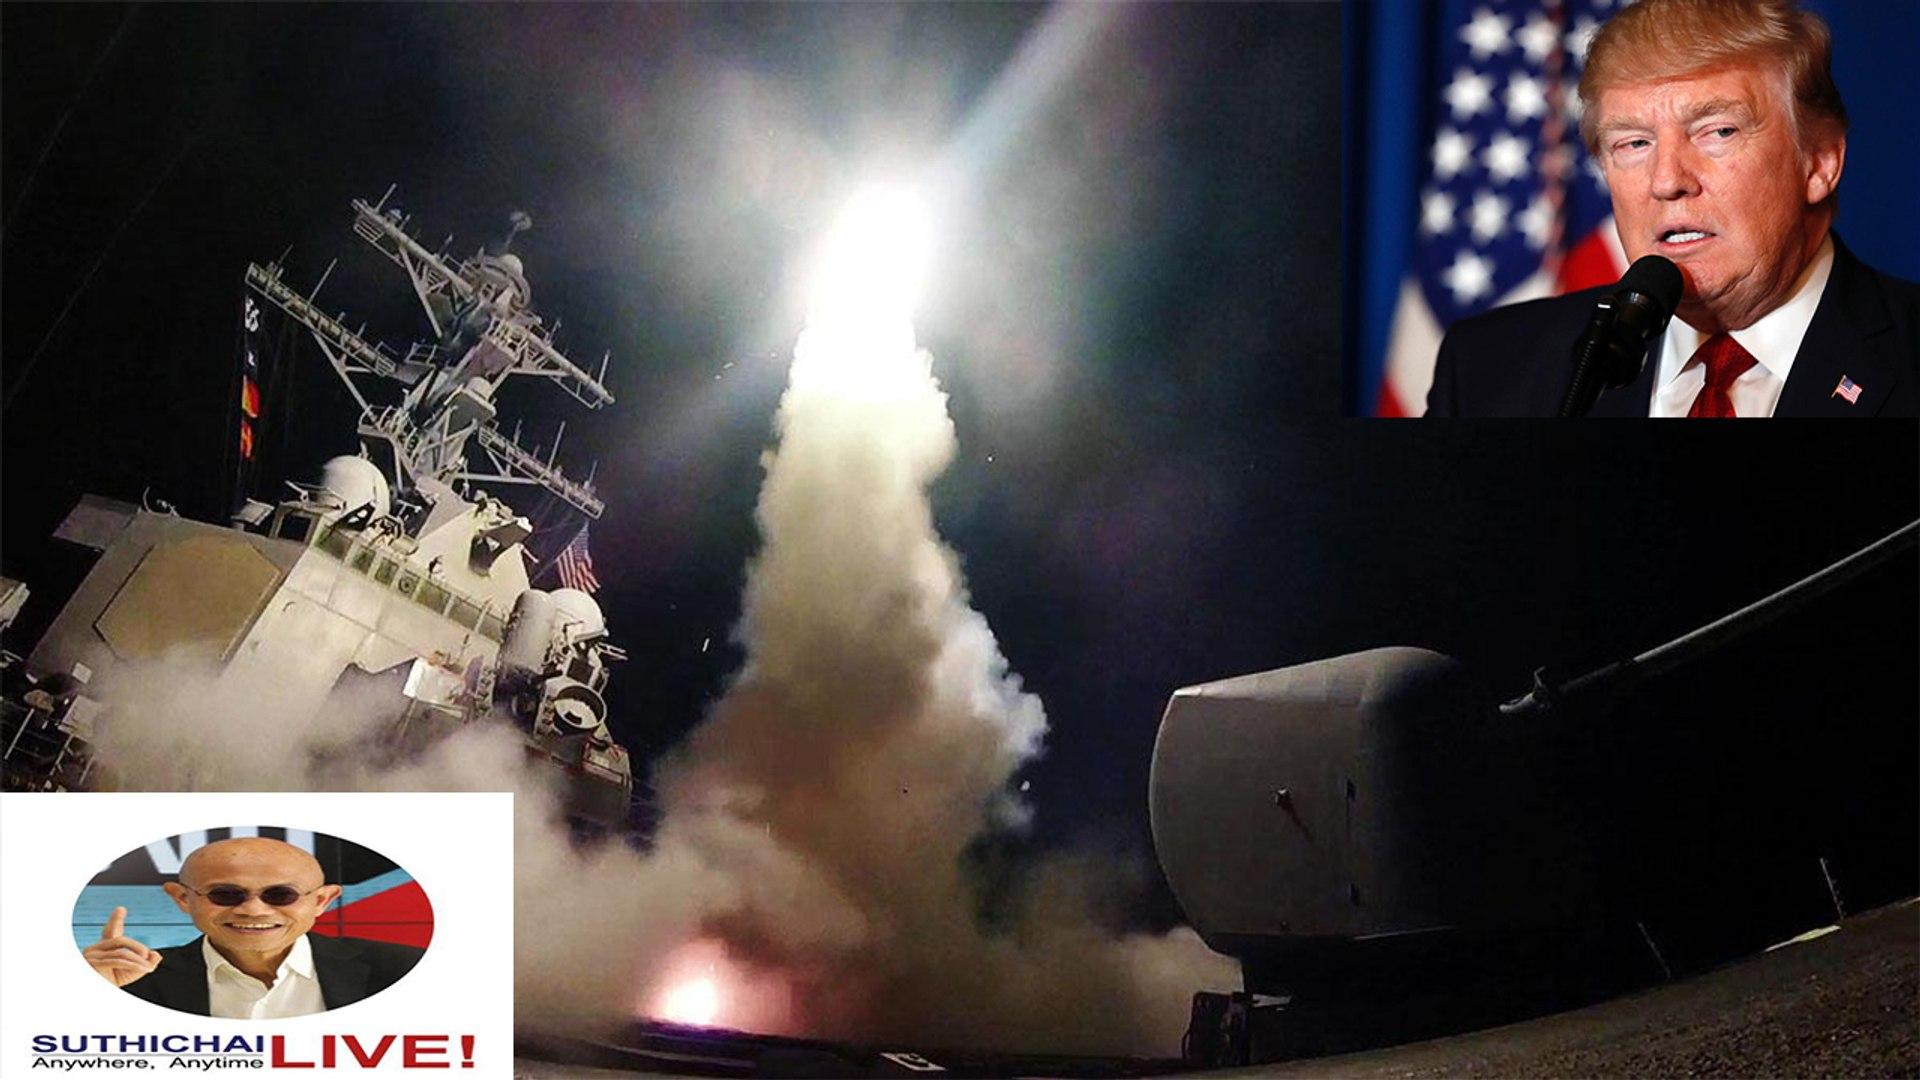 สุทธิชัย หยุ่น Live!! ด่วนทรัมป์สั่งถล่มซีเรีย!|Trump strikes Syria